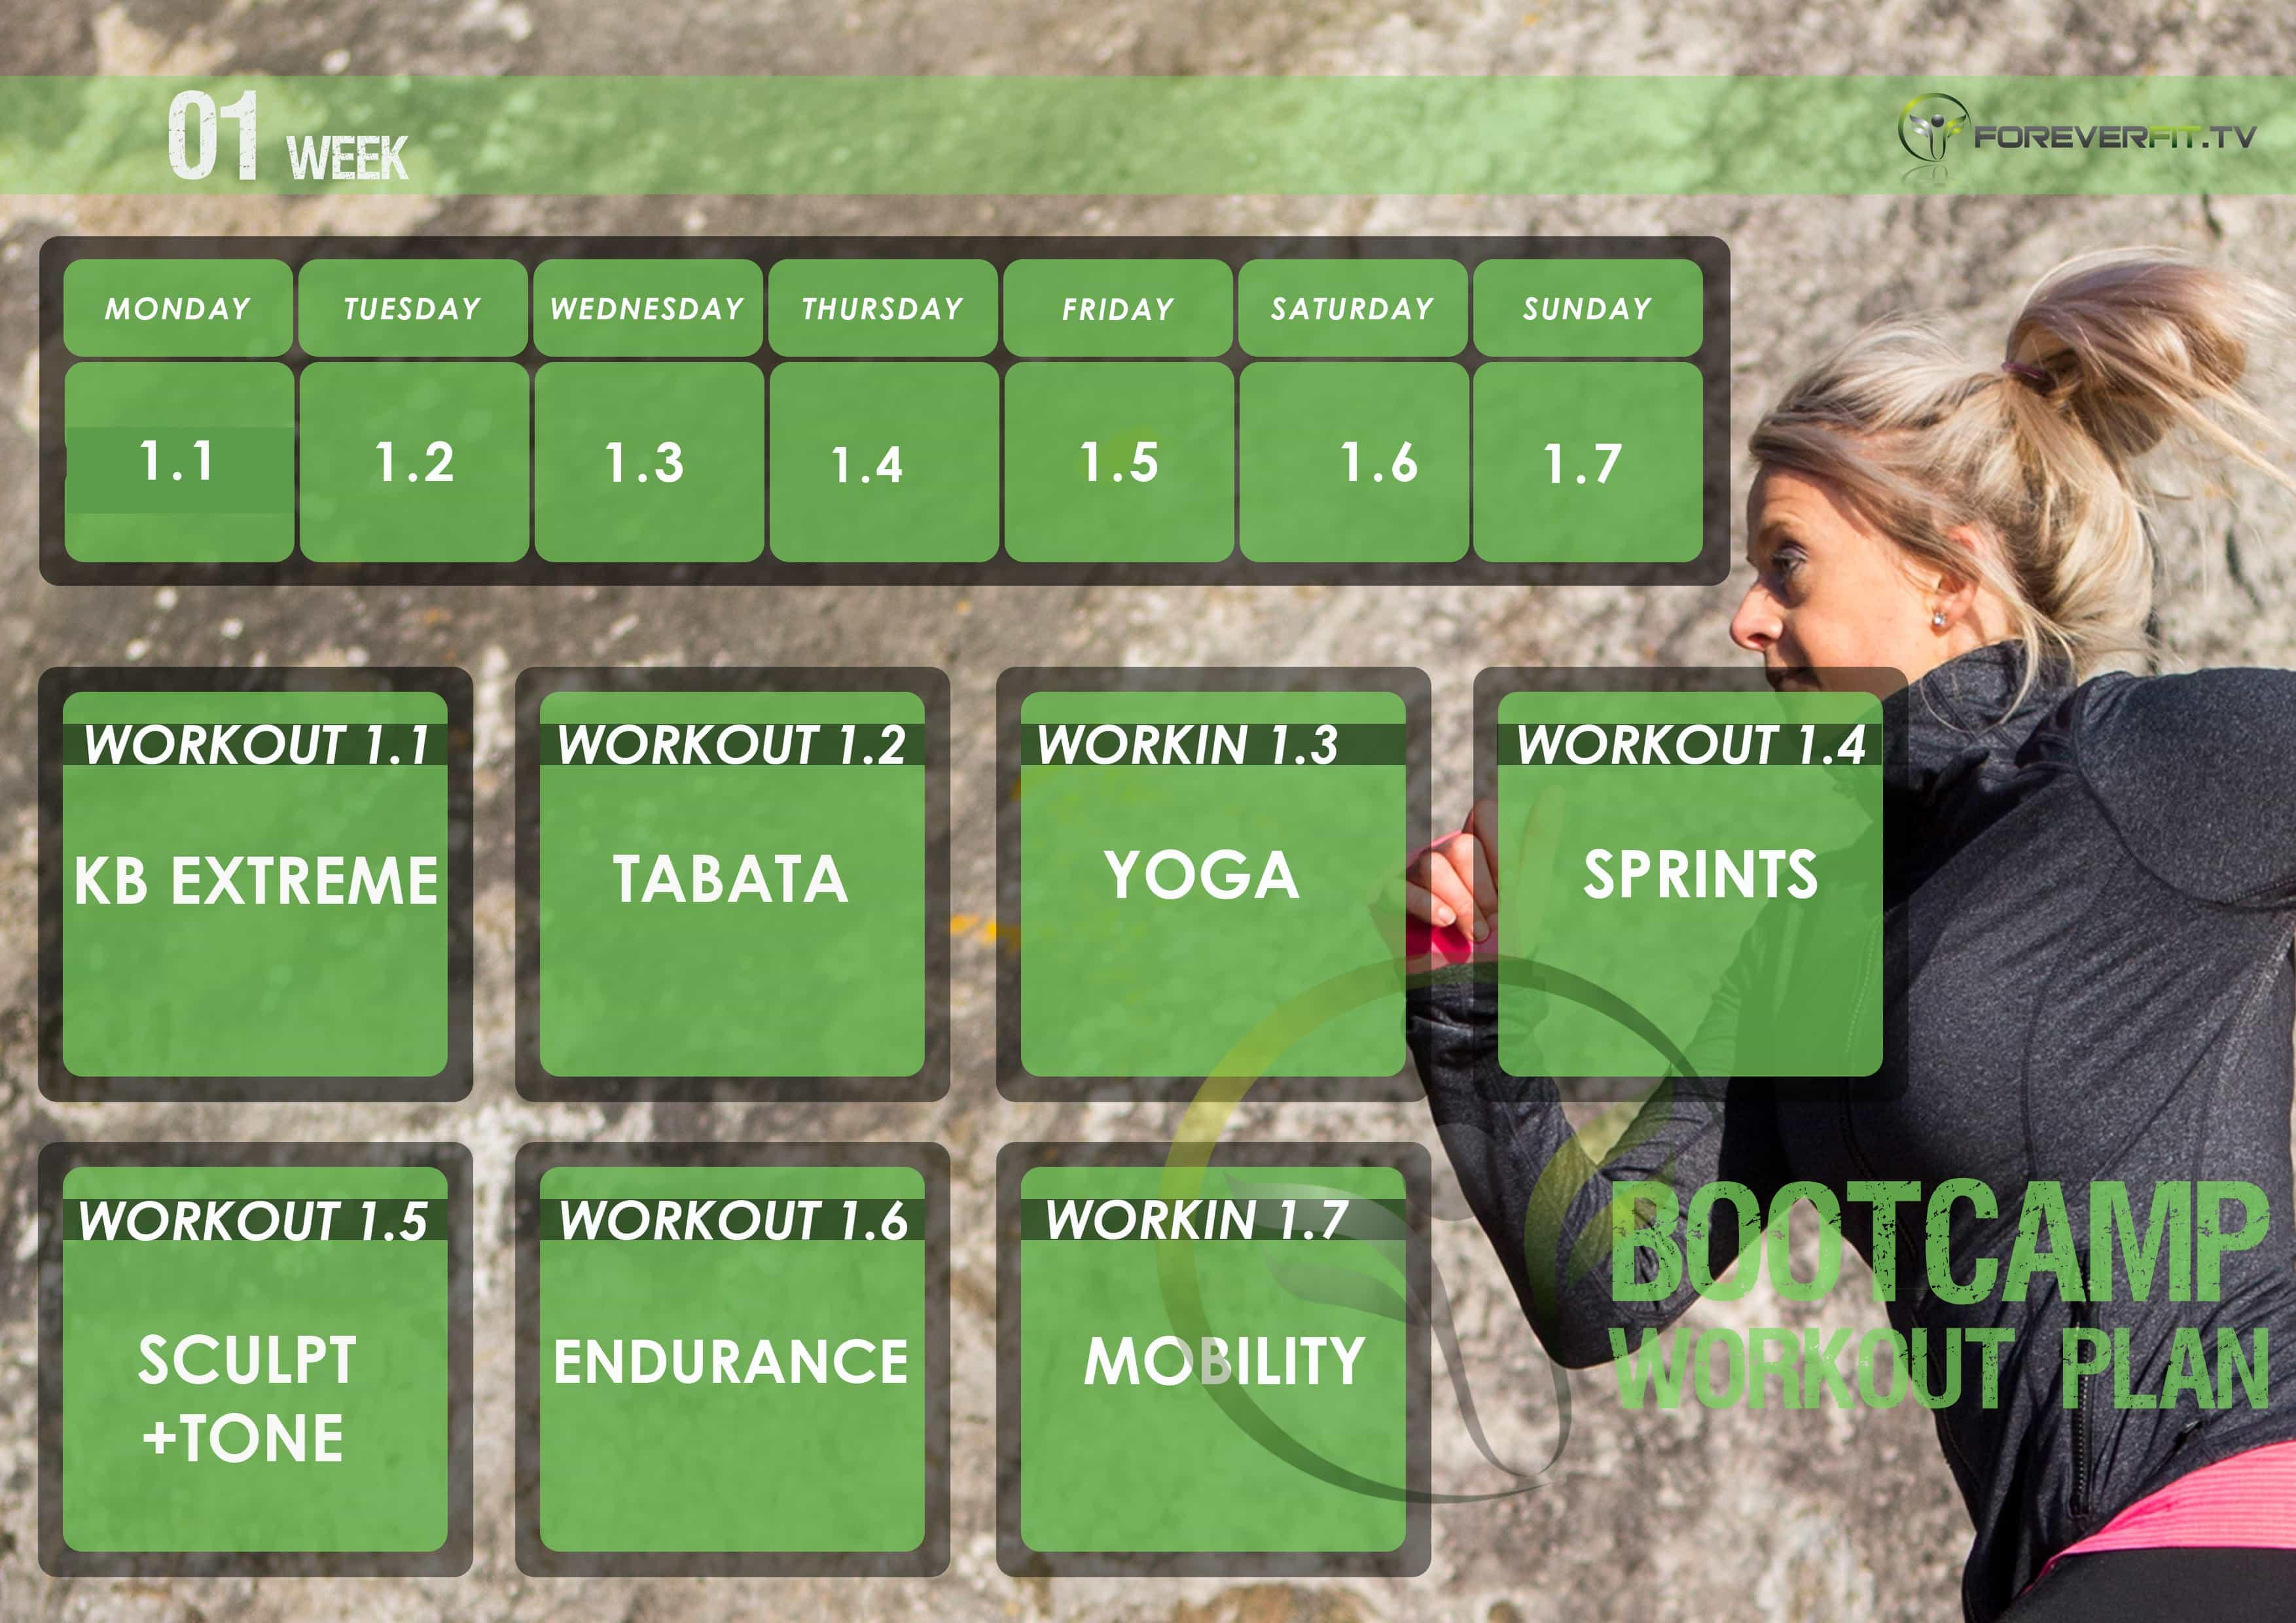 workout plan week 1 Fb